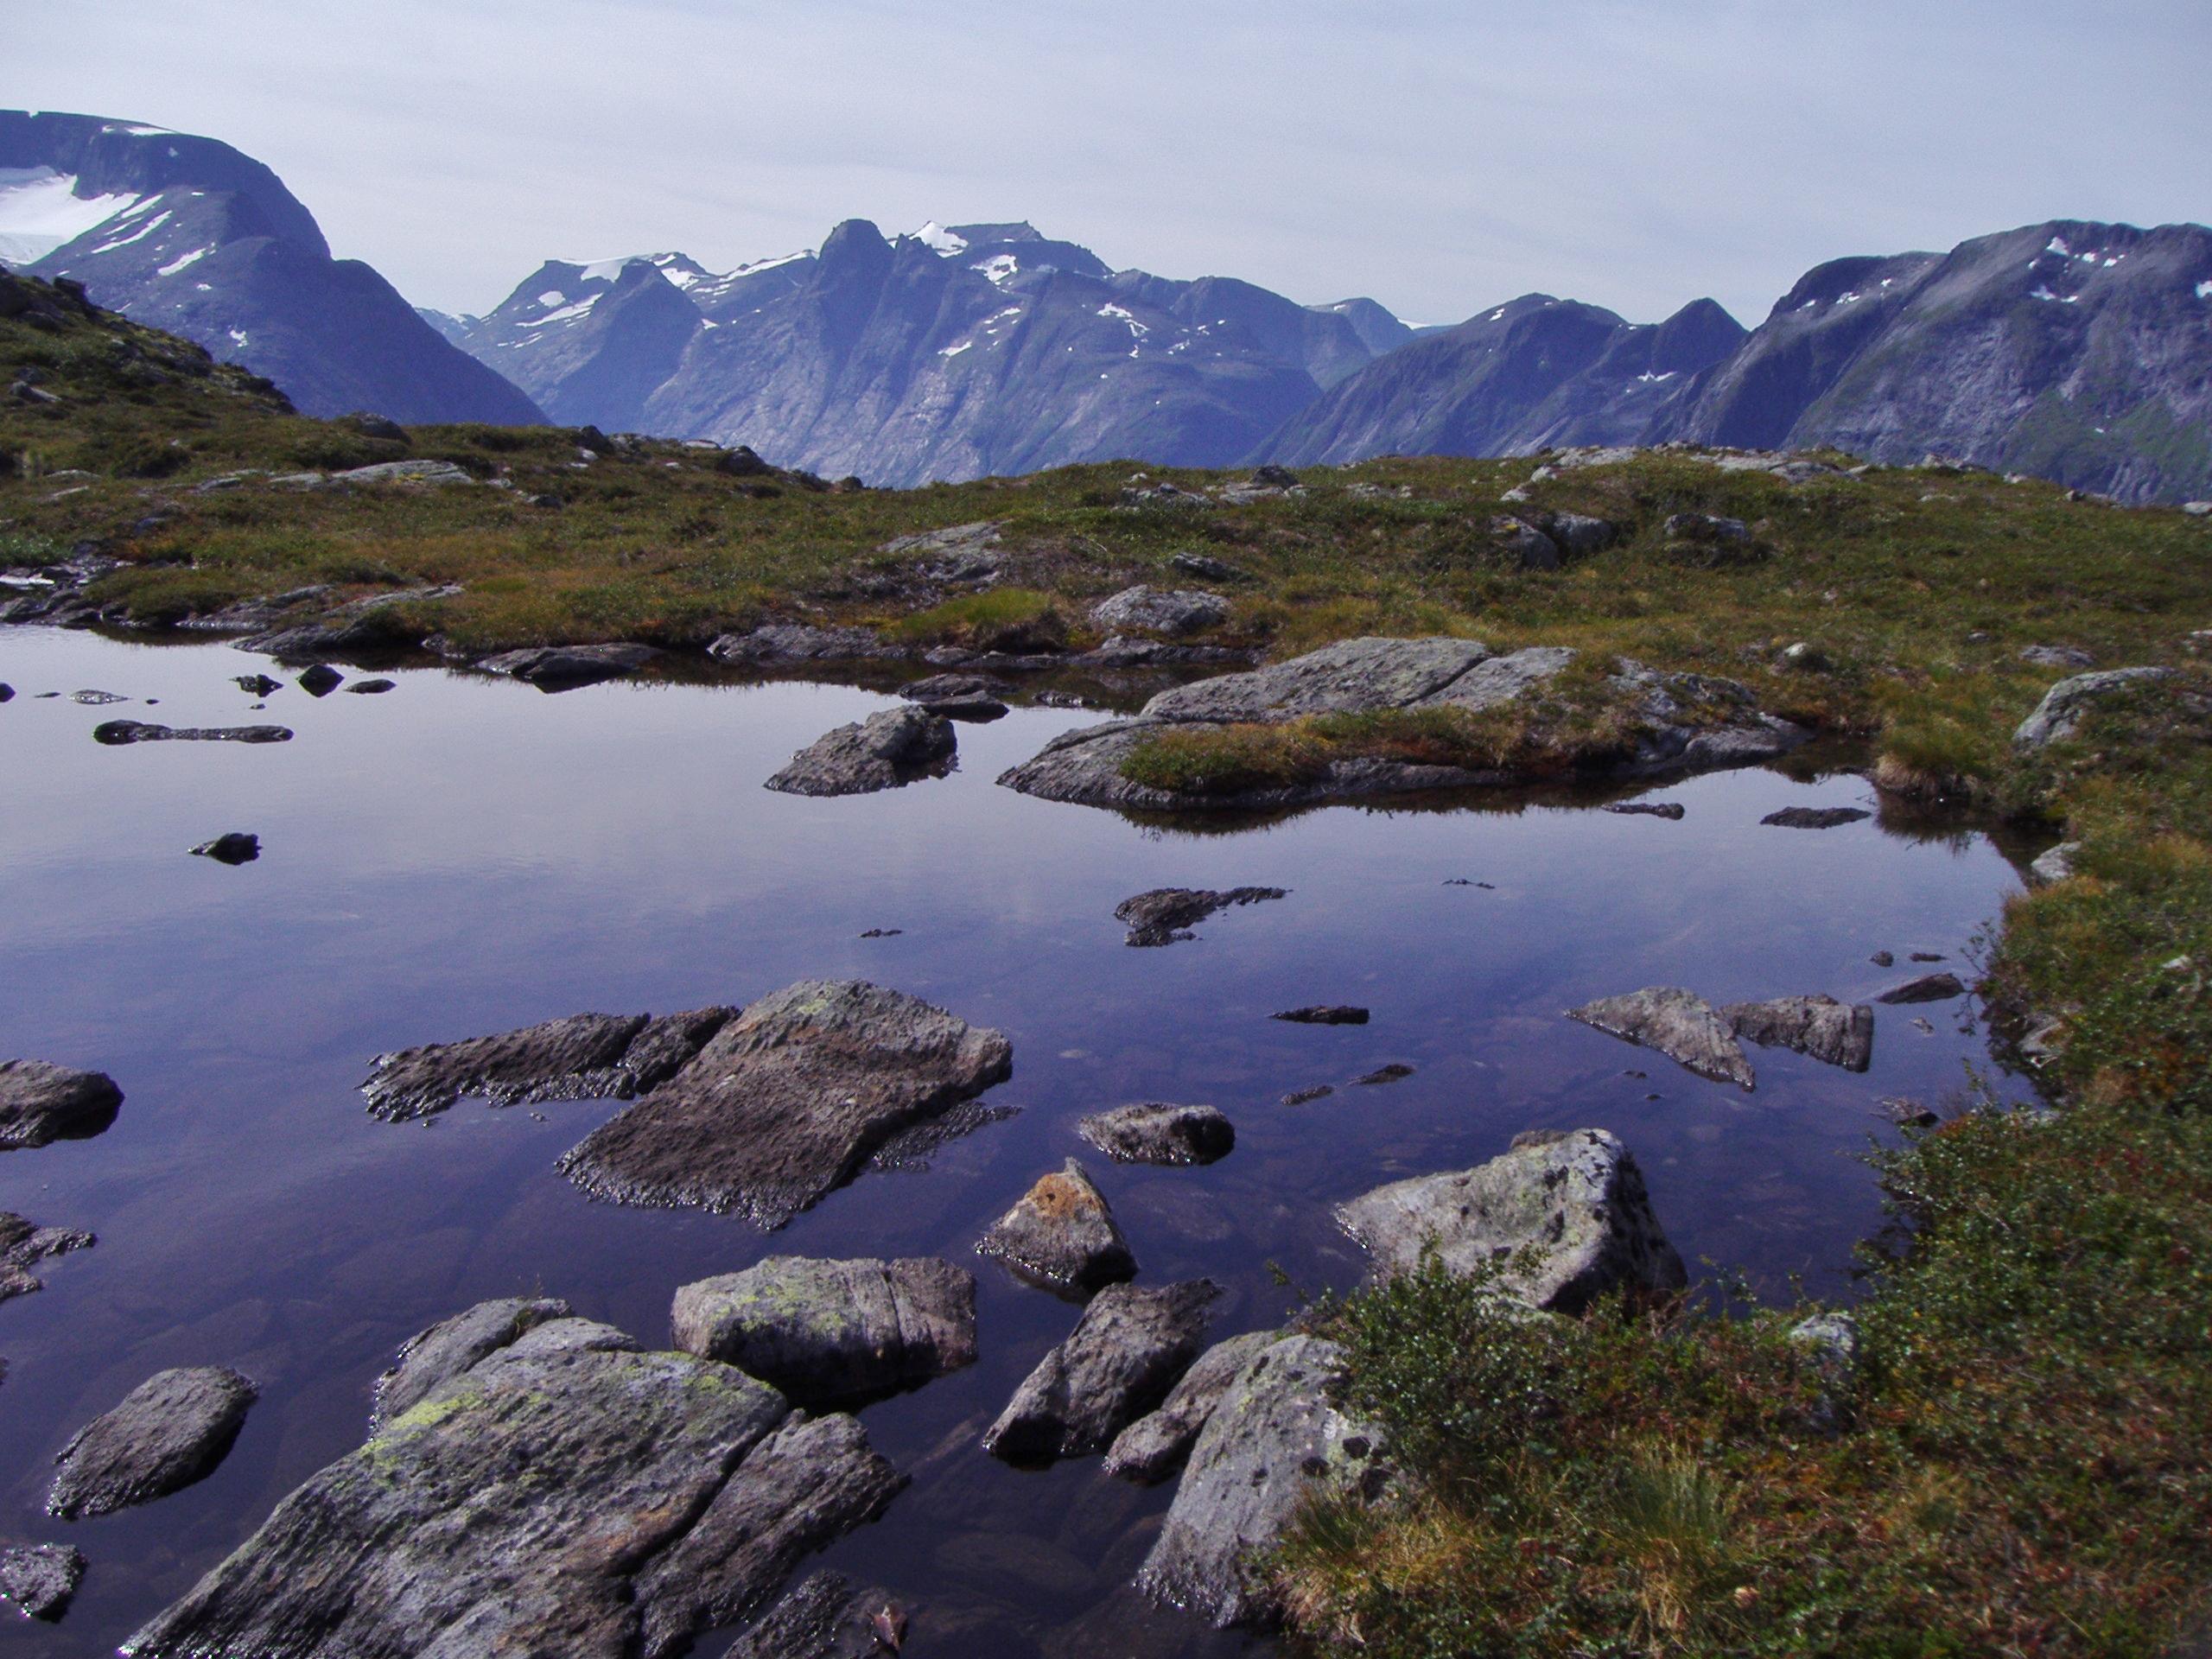 Existuje snad něco krásnějšího, než norská příroda?